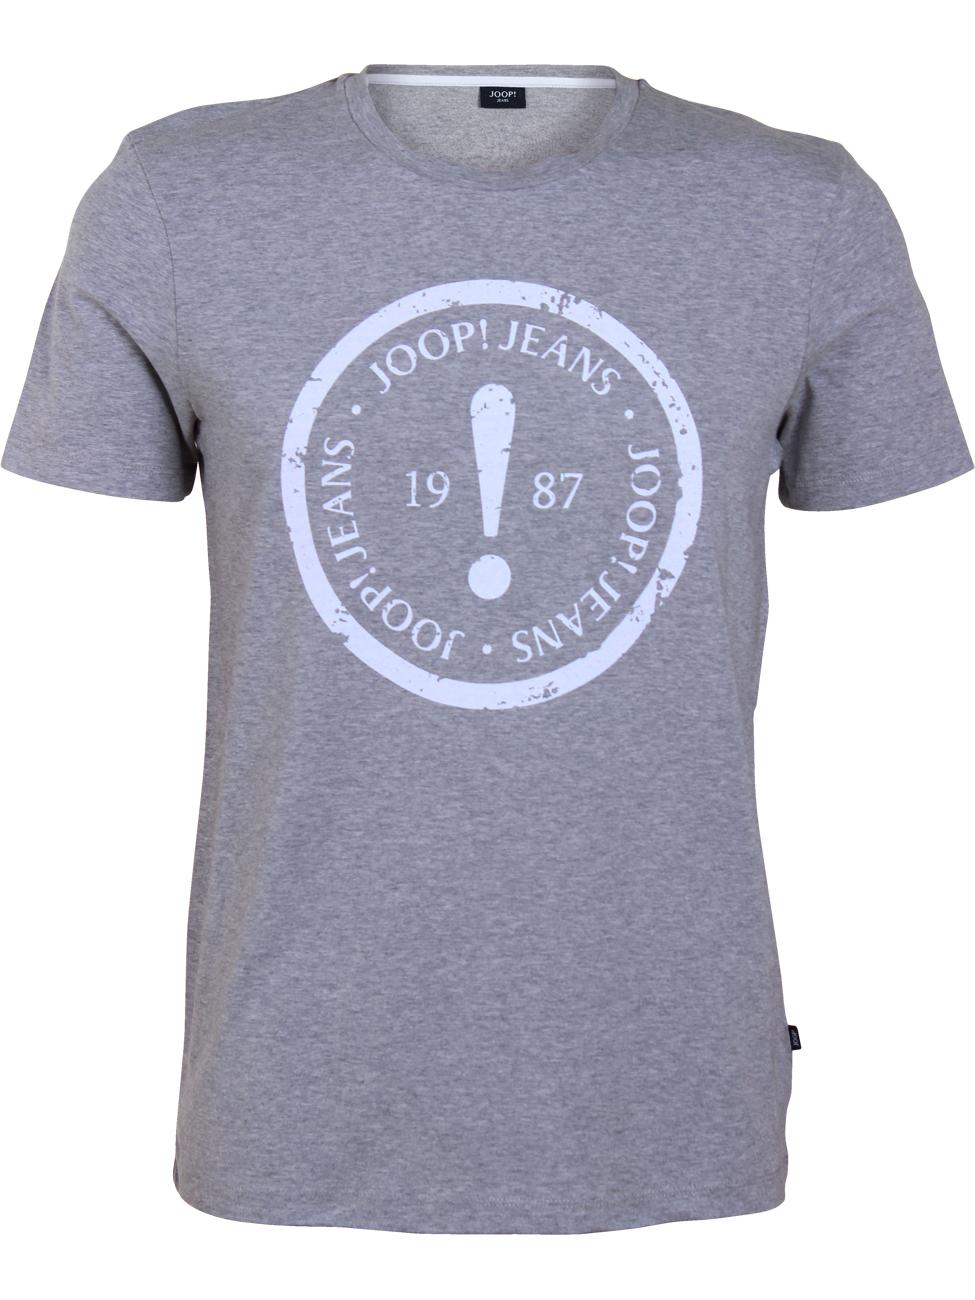 Joop! Herren Rundhals T-Shirt Colin mit Print - Modern Fit